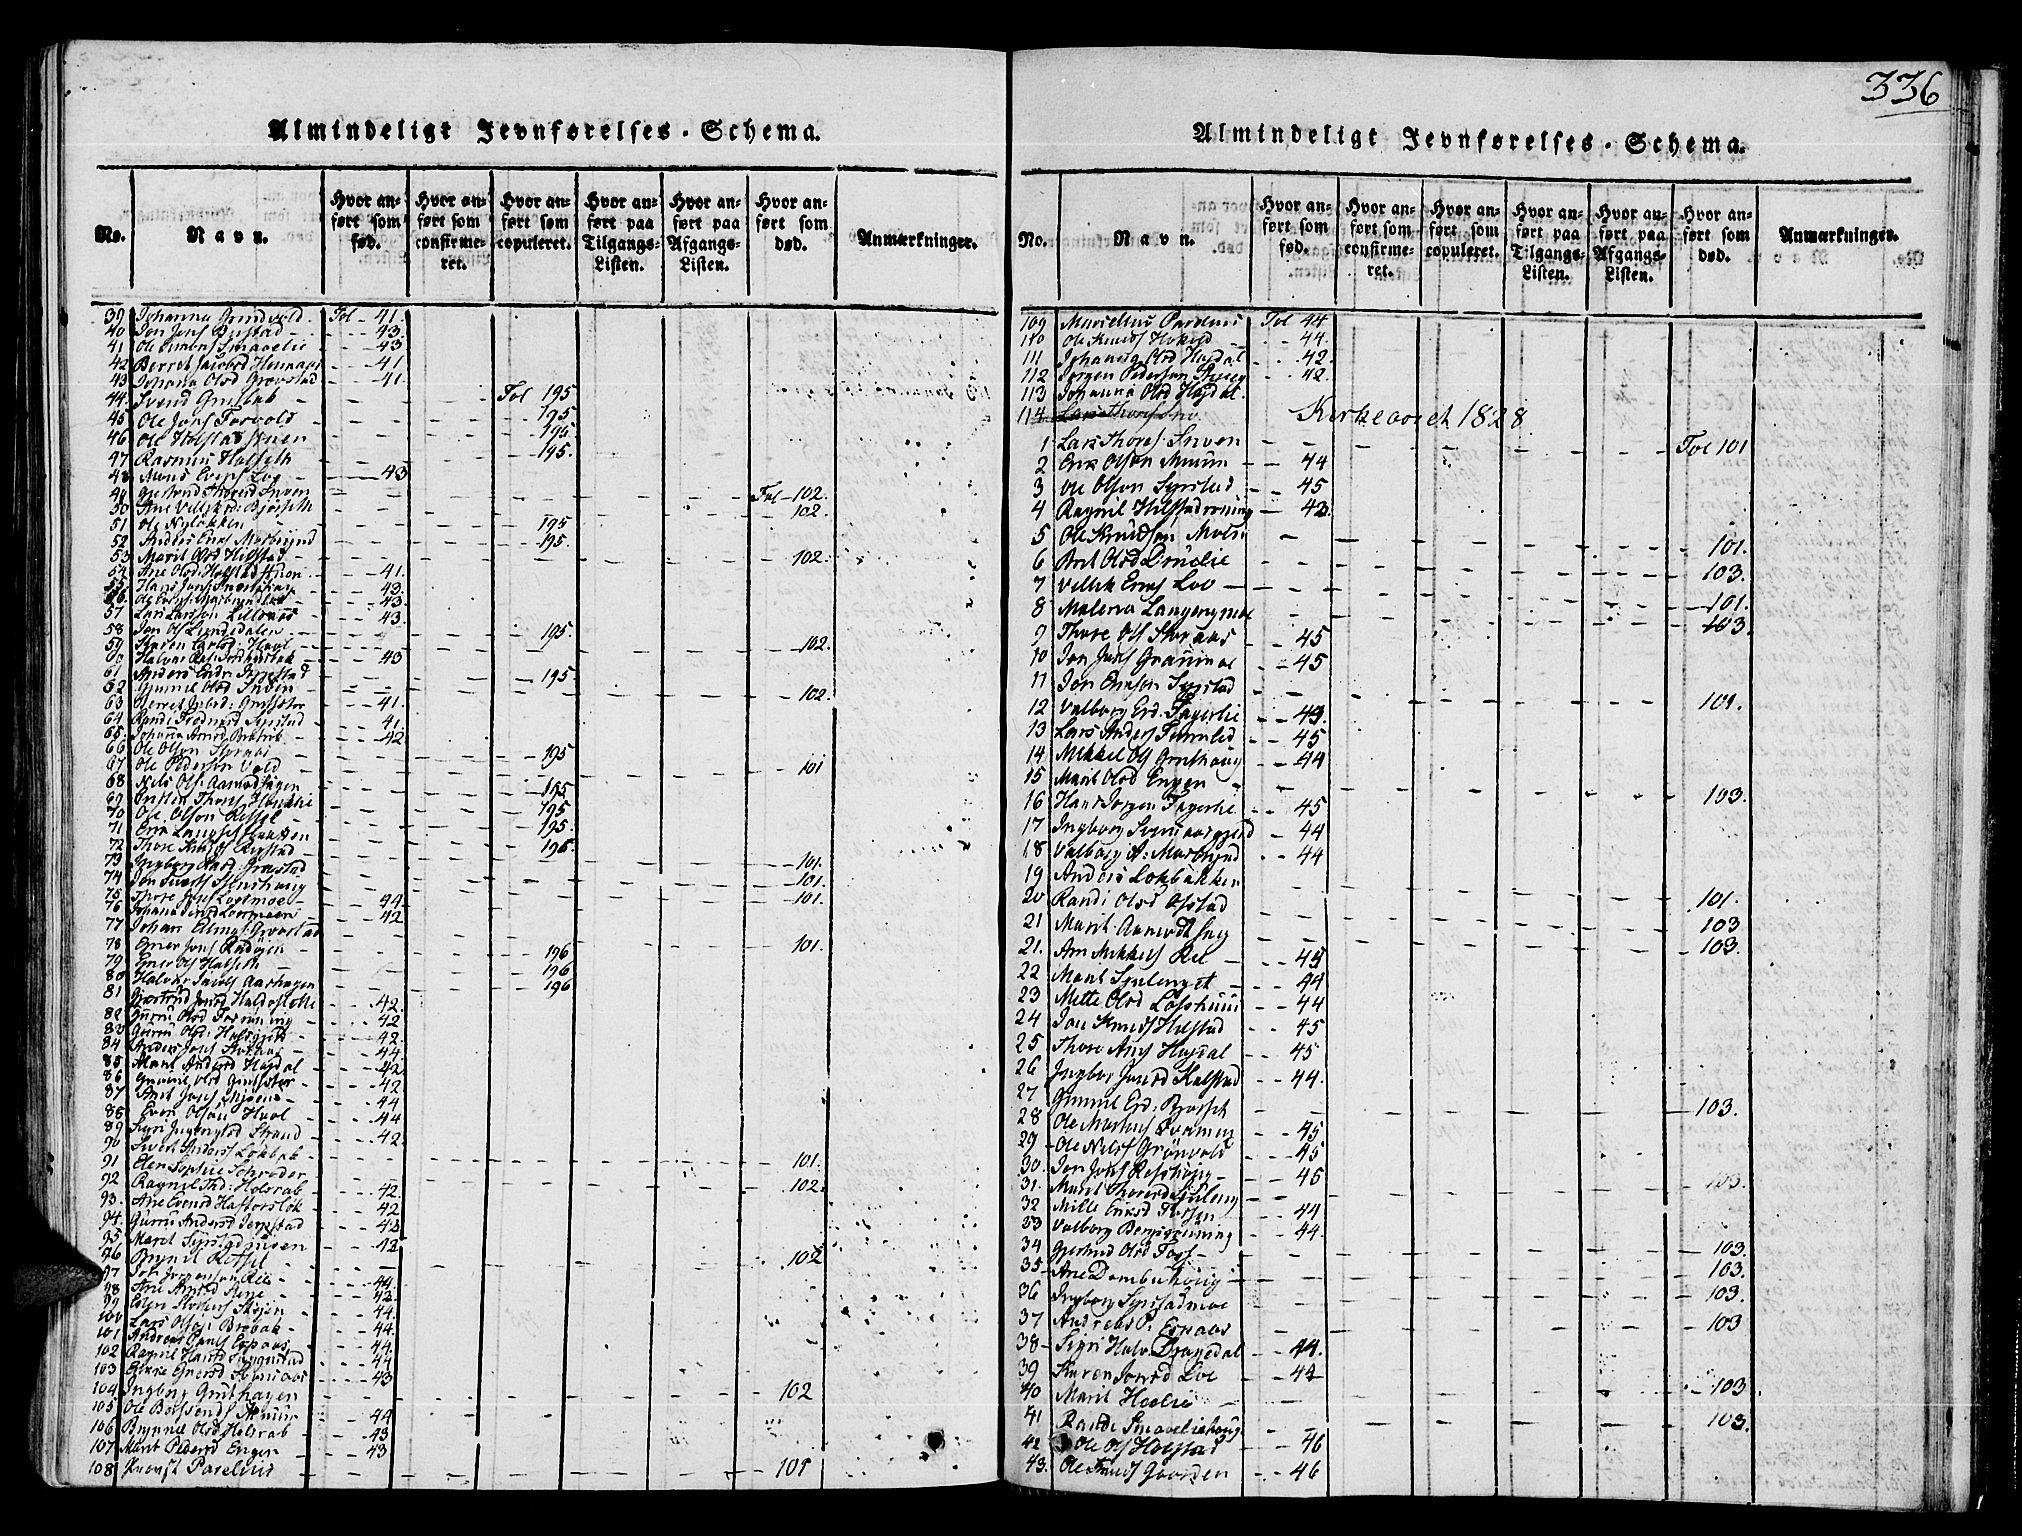 SAT, Ministerialprotokoller, klokkerbøker og fødselsregistre - Sør-Trøndelag, 672/L0853: Ministerialbok nr. 672A06 /1, 1816-1829, s. 336